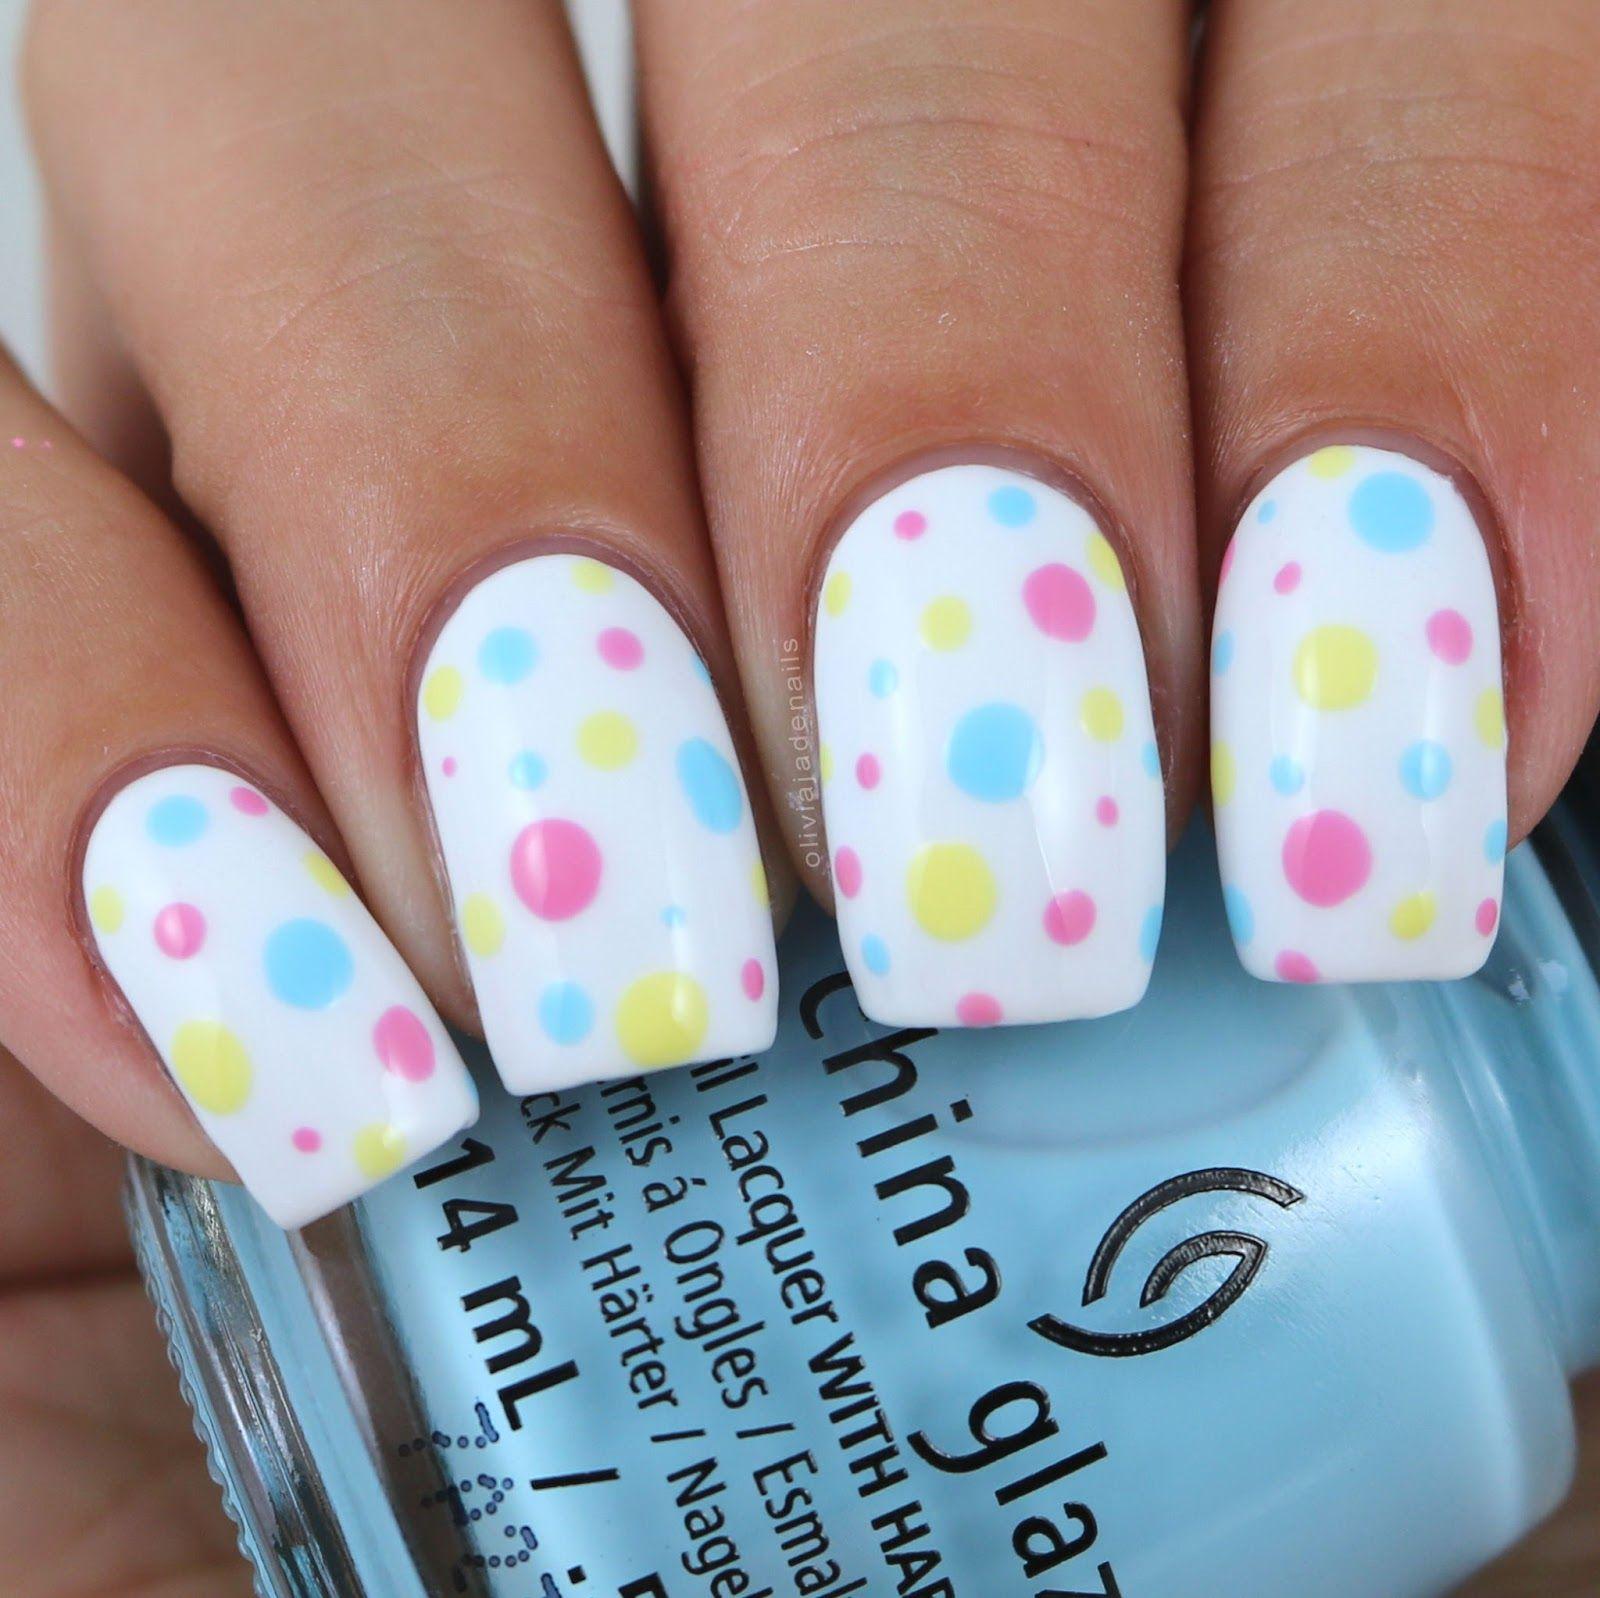 Olivia Jade Nails | nAiLs nAiLs nAiLs | Pinterest | Jade nails and ...